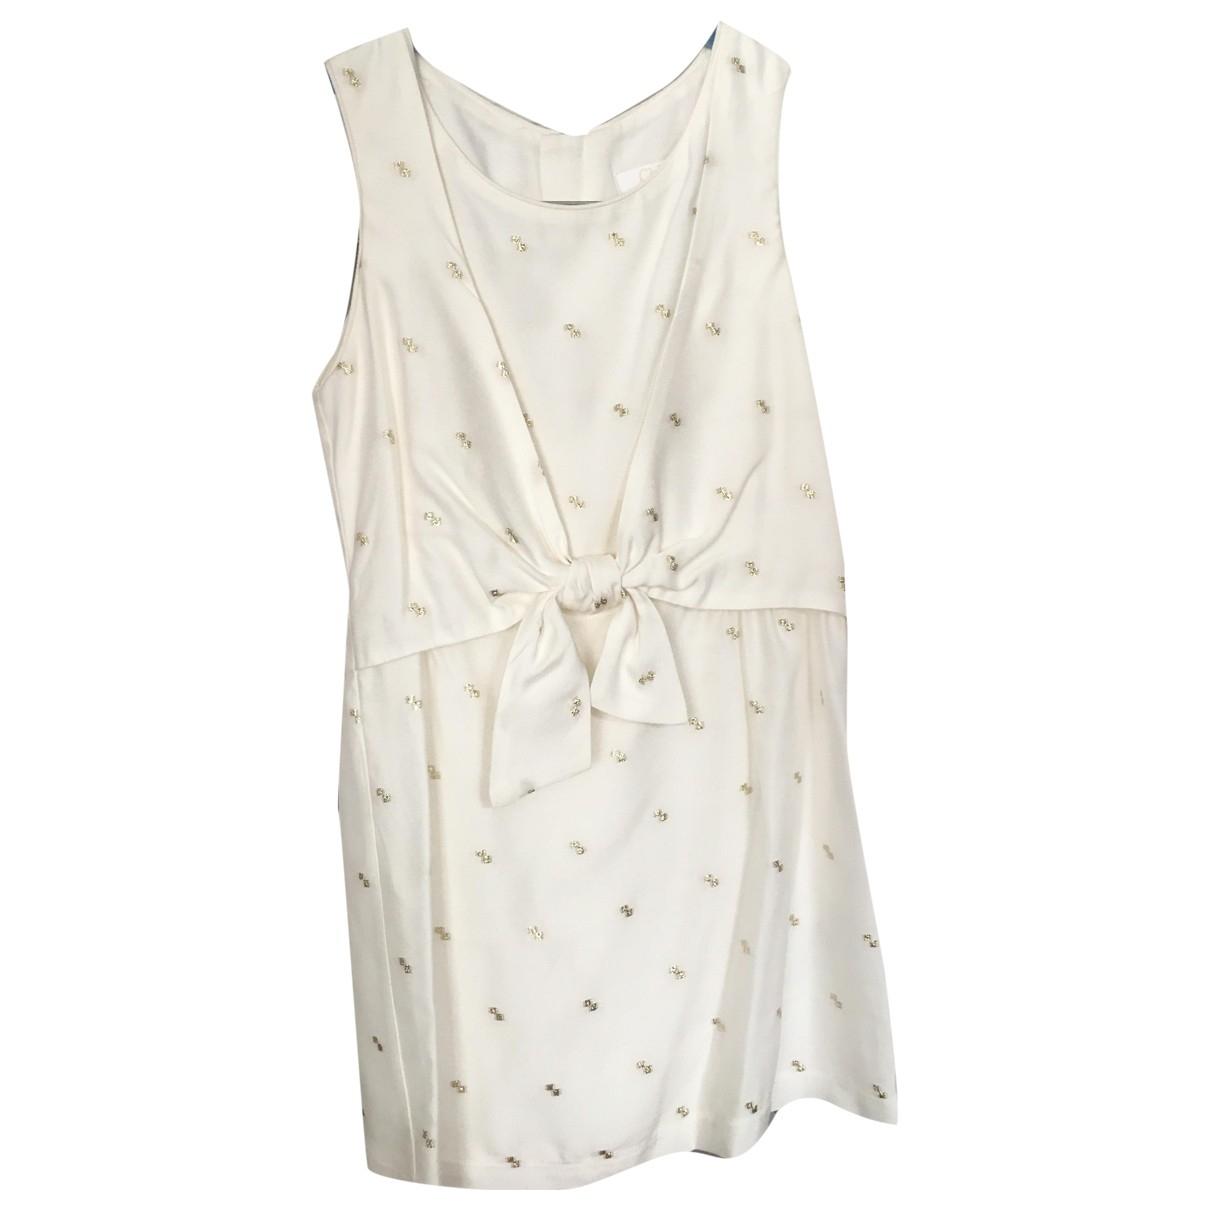 Chloe \N Kleid in  Weiss Viskose